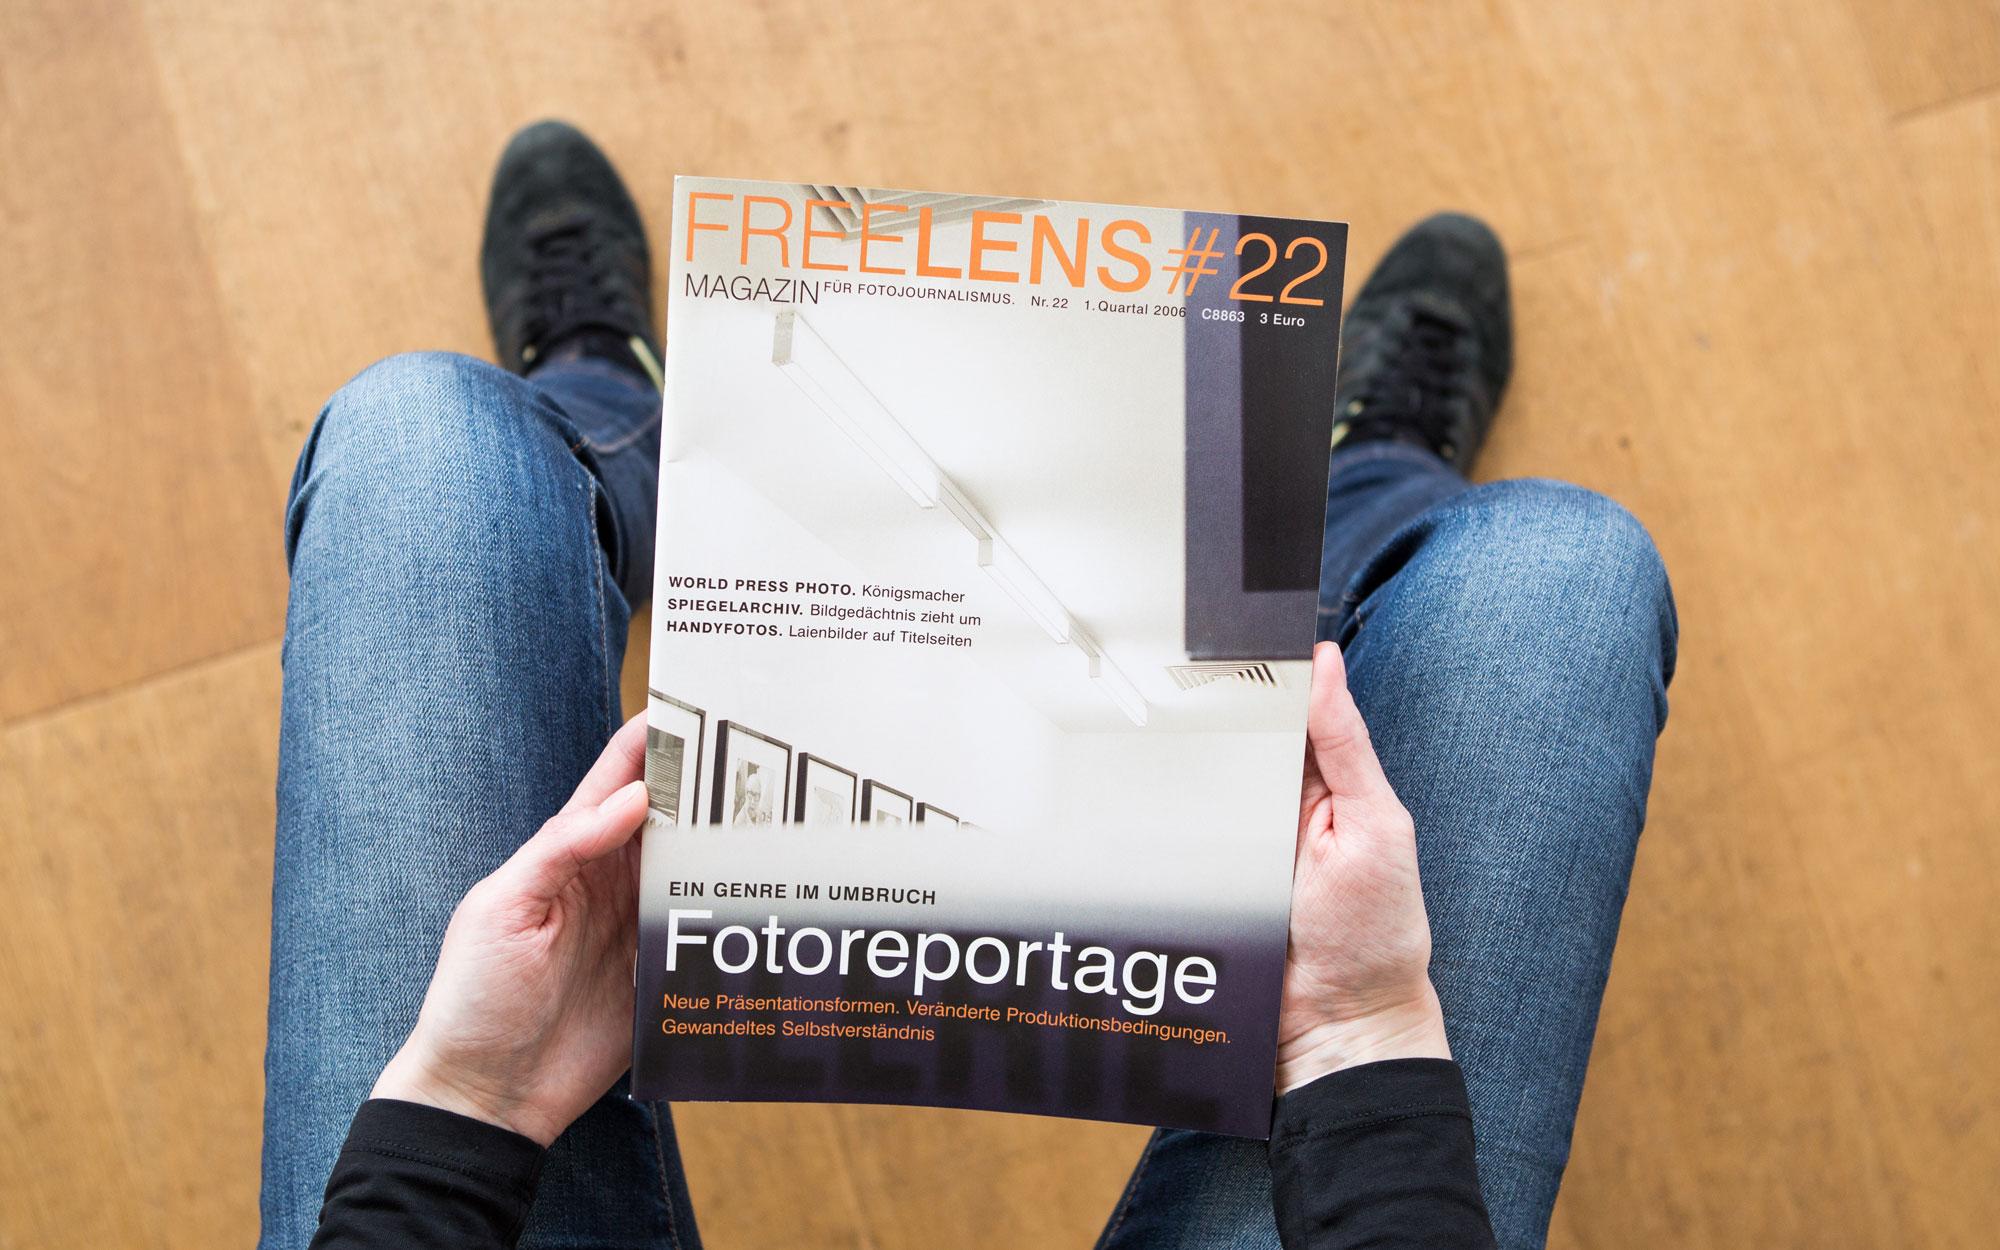 Fotoreportage – der Umbruch eines Genres als Titelthema dieses Heftes. Das Titelfoto stammt von Axel Martens. Foto: Lucas Wahl